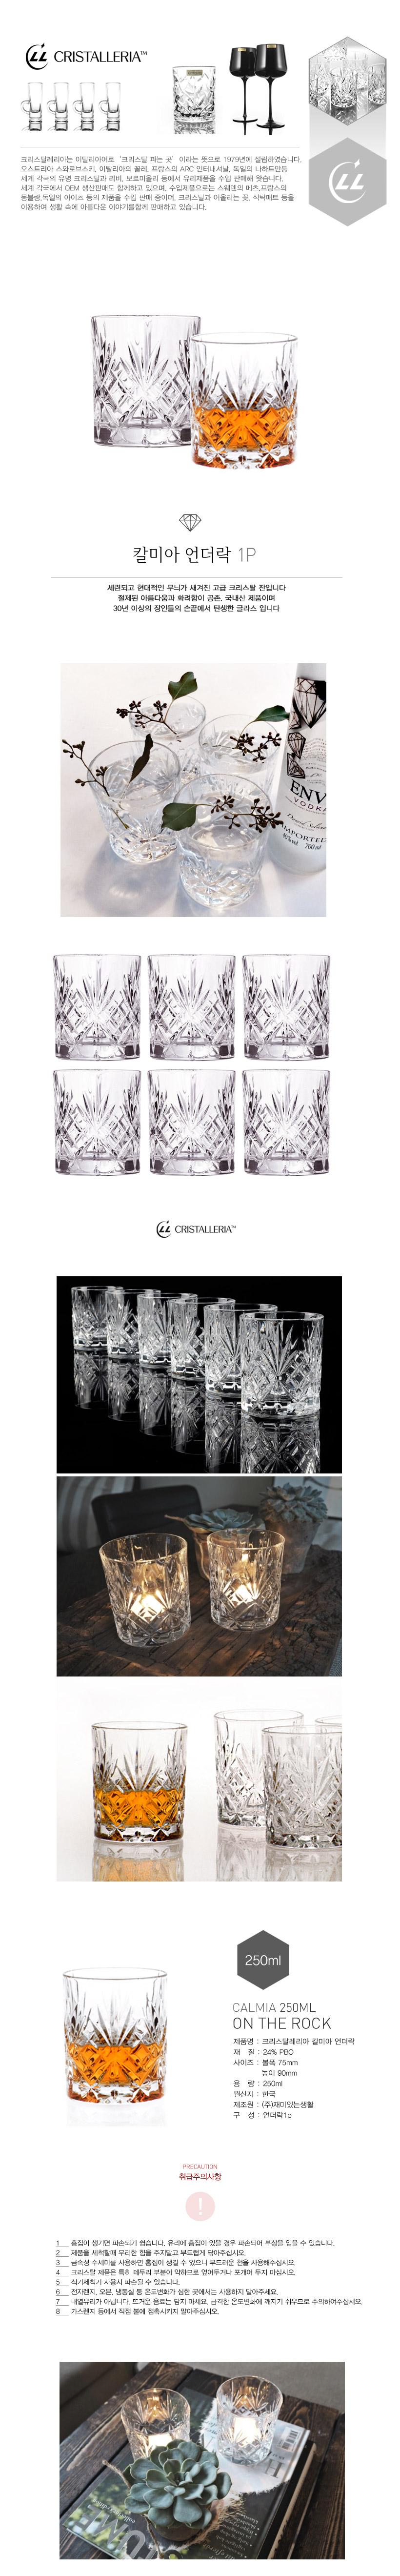 칼미아 크리스탈 언더락 1P - 재미있는생활, 10,000원, 유리컵/술잔, 양주/위스키잔